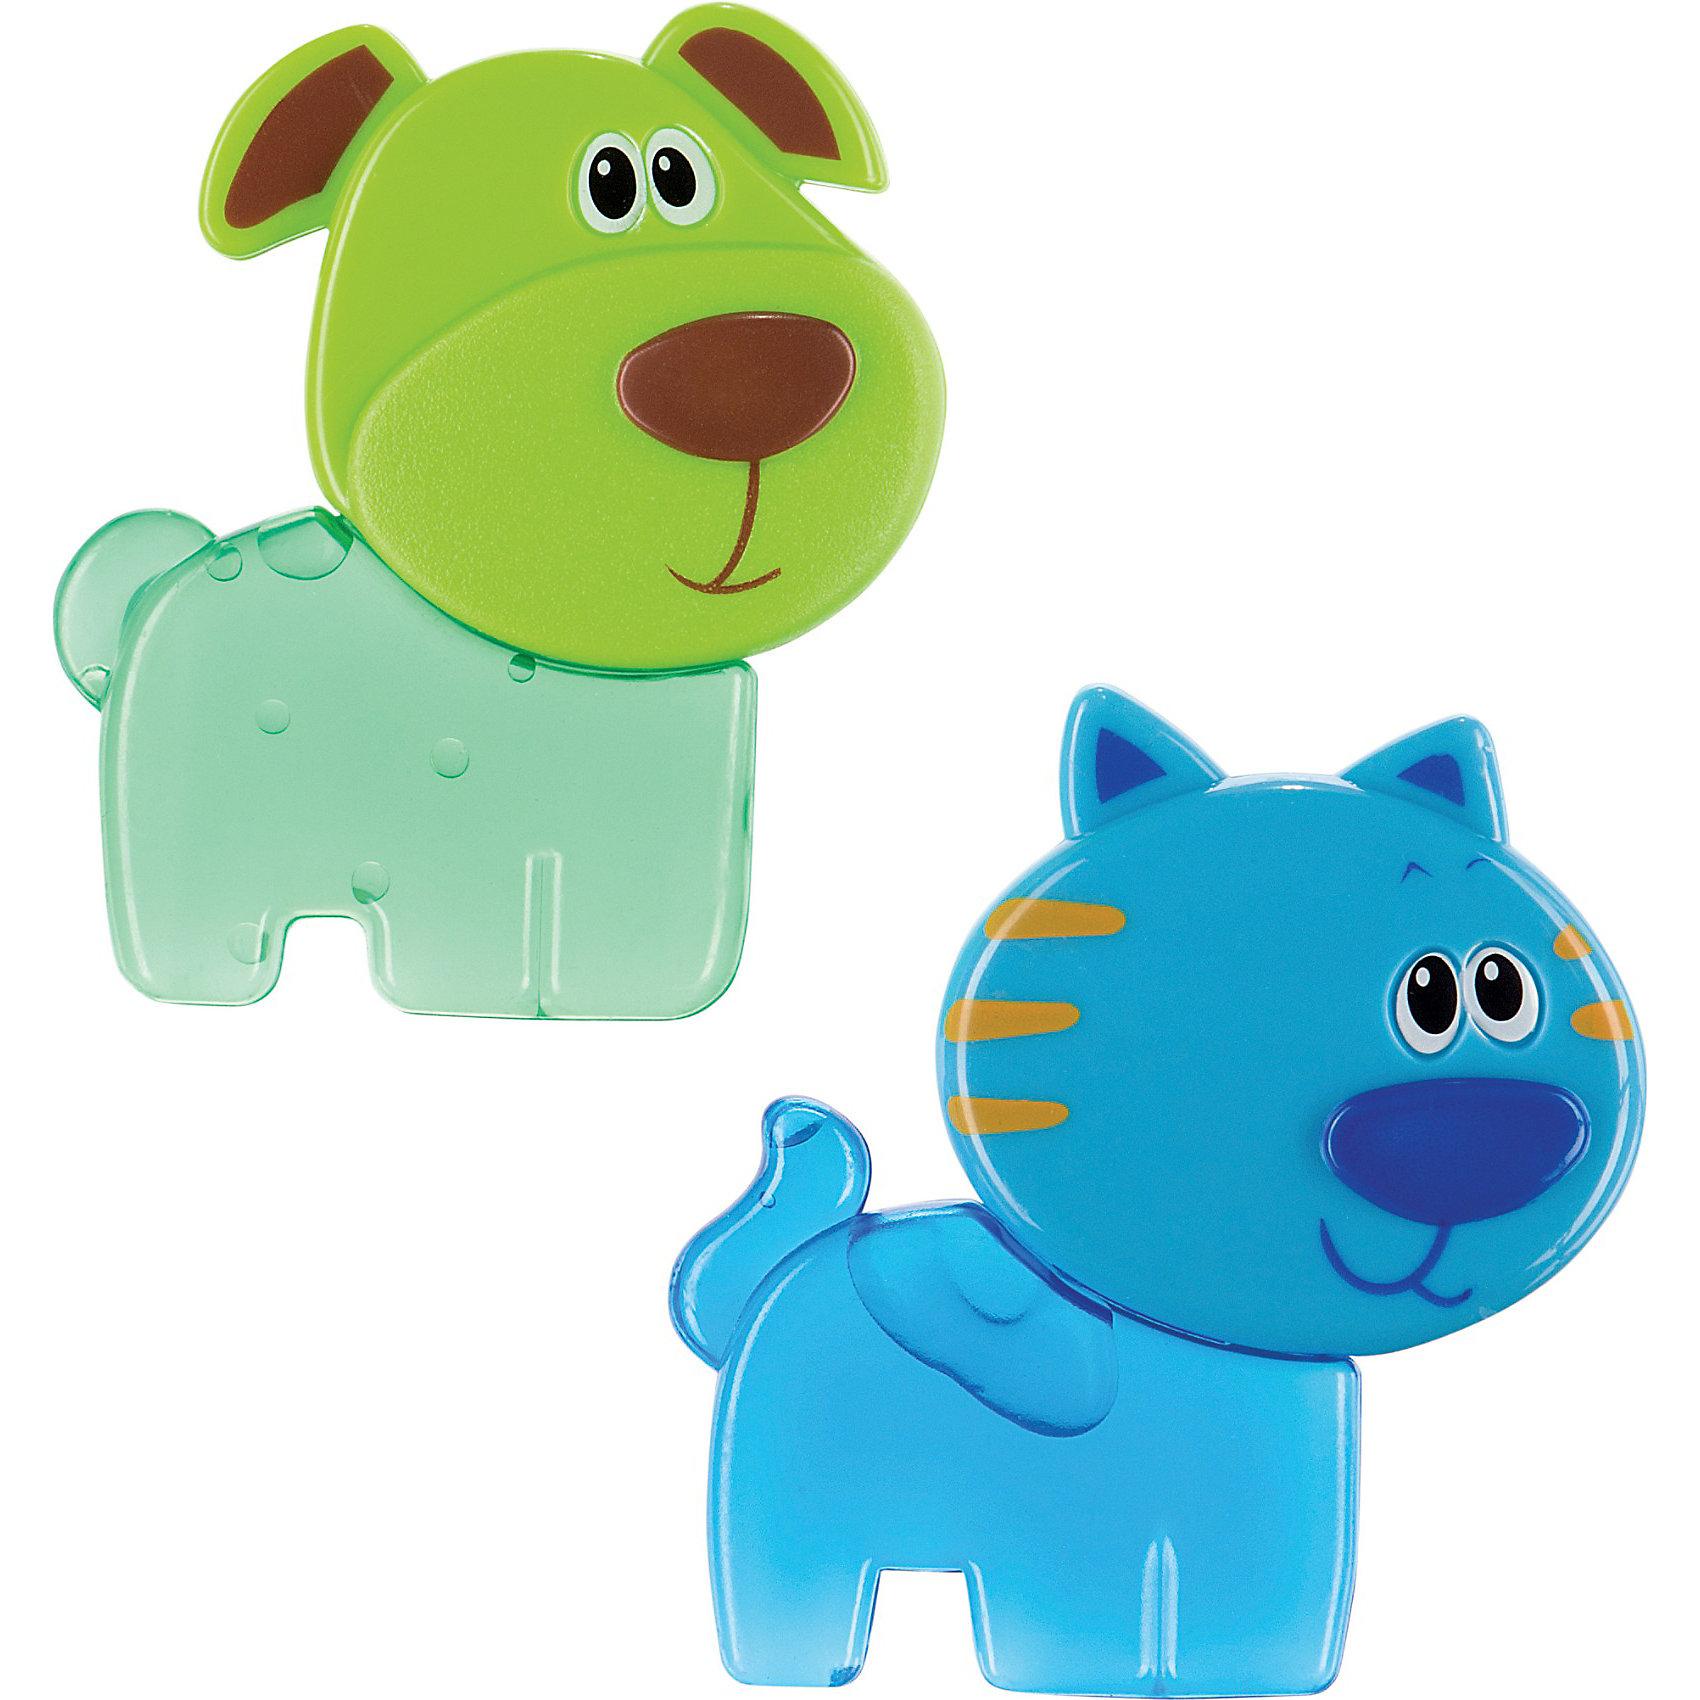 Игрушка- прорезыватель с гелем ,  Happy BabyПогремушки<br>Игрушка- прорезыватель с гелем ,  Happy Baby (Хэппи Беби) – игрушки в виде кошечки и собачки с гелем смягчают боль, уменьшают зуд в деснах.<br>Игрушка-прорезыватель с гелем рекомендуется для детей, у которых начинают появляться зубы. Набор включает два прорезывателя, выполненных из безопасного и нетоксичного материала в виде синего котика и зеленой собачки. Они наполнены удерживающим холод гелем. Благодаря охлаждающему эффекту прорезыватели нежно массируют десны малыша, облегчая прорезывание зубов, а также усиливают слюноотделение и предотвращают кариес. Прорезыватели имеют удобную для детских рук форму, стимулируют зрительное восприятие и концентрацию внимания малыша. Игрушка-прорезыватель выполнена таким образом, чтобы малышу было удобно брать её в ручки и держать во рту.<br><br>Дополнительная информация:<br><br>- В наборе: собачка, кошечка<br>- Средний размер прорезывателей: 8 х 7 см.<br>- Материал: пластик<br>- Чтобы охладить игрушки, положите их на некоторое время в холодильник.<br>- Размер упаковки: 20,5 х 14,5 х 1,5 см.<br><br>Игрушку- прорезыватель с гелем ,  Happy Baby (Хэппи Беби) можно купить в нашем интернет-магазине.<br><br>Ширина мм: 210<br>Глубина мм: 20<br>Высота мм: 145<br>Вес г: 80<br>Возраст от месяцев: 3<br>Возраст до месяцев: 36<br>Пол: Унисекс<br>Возраст: Детский<br>SKU: 3918482